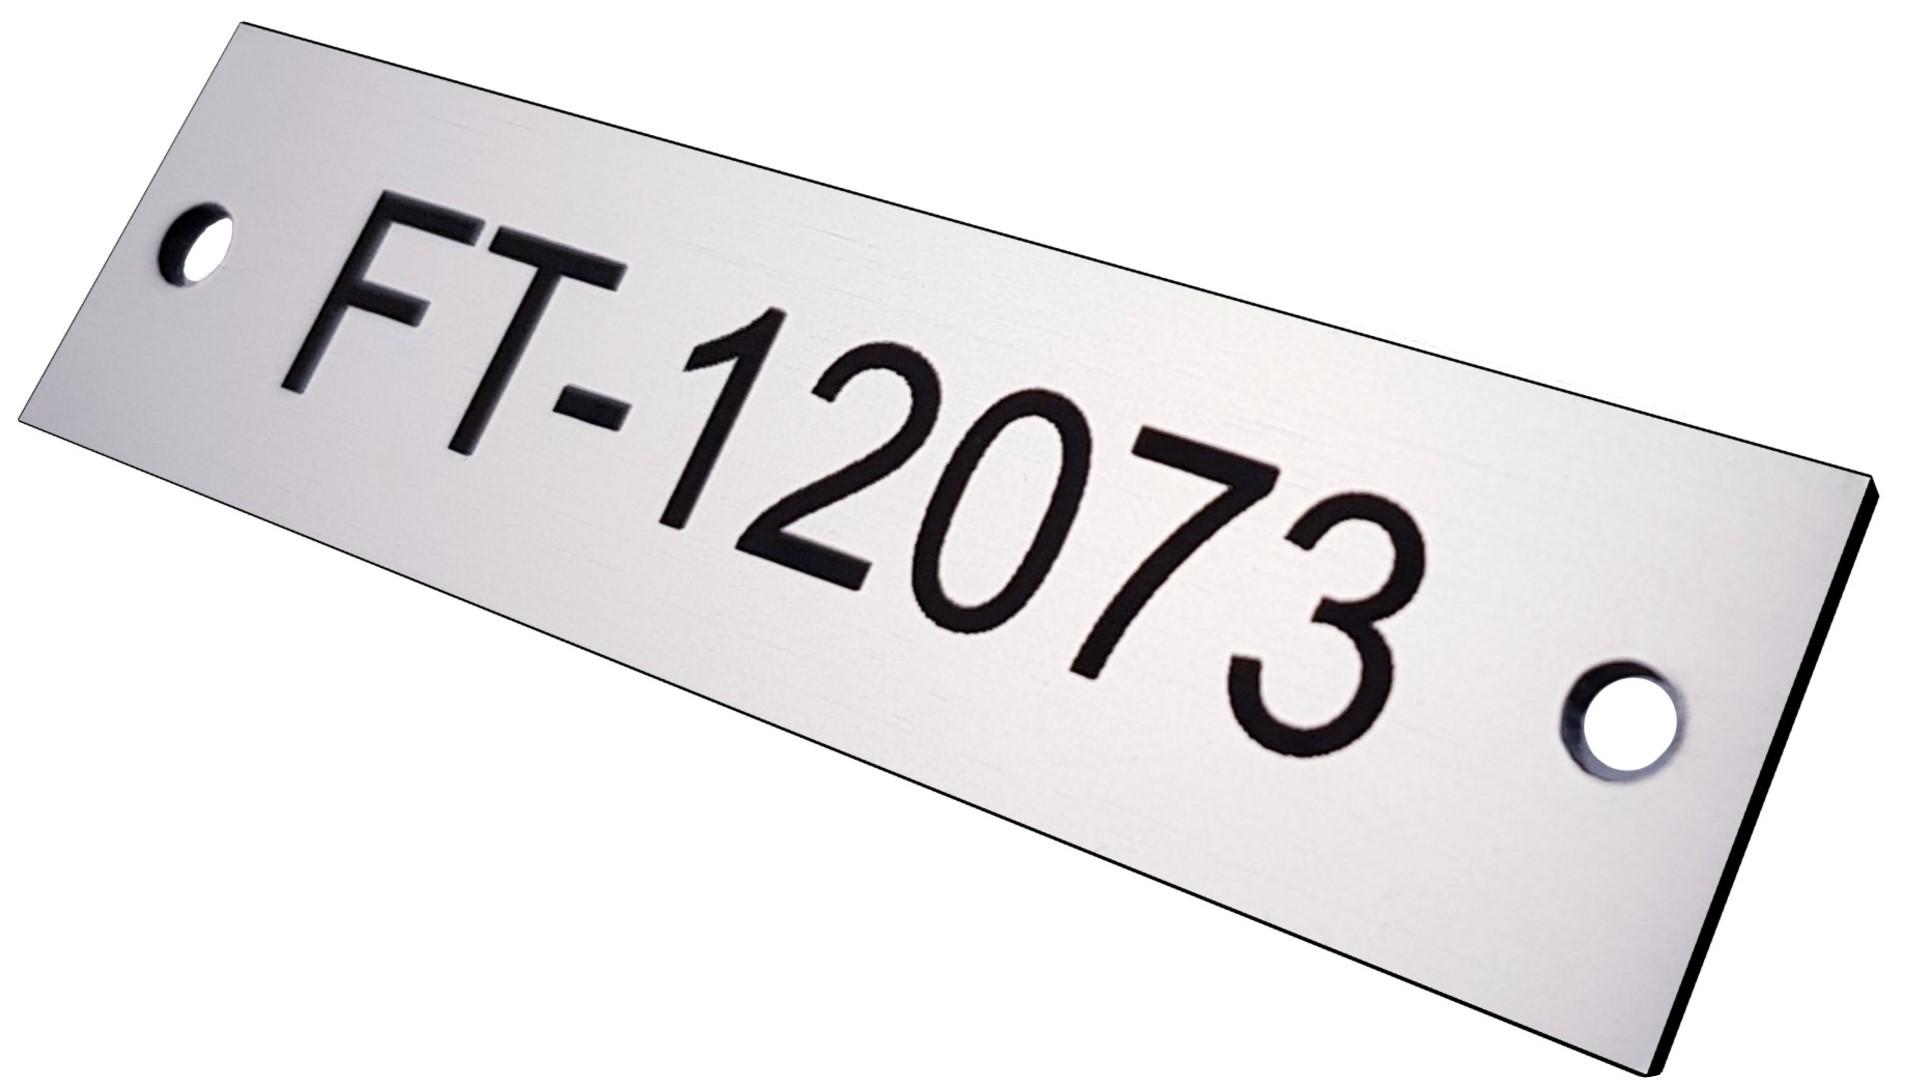 Tabliczka opisowa z numerem